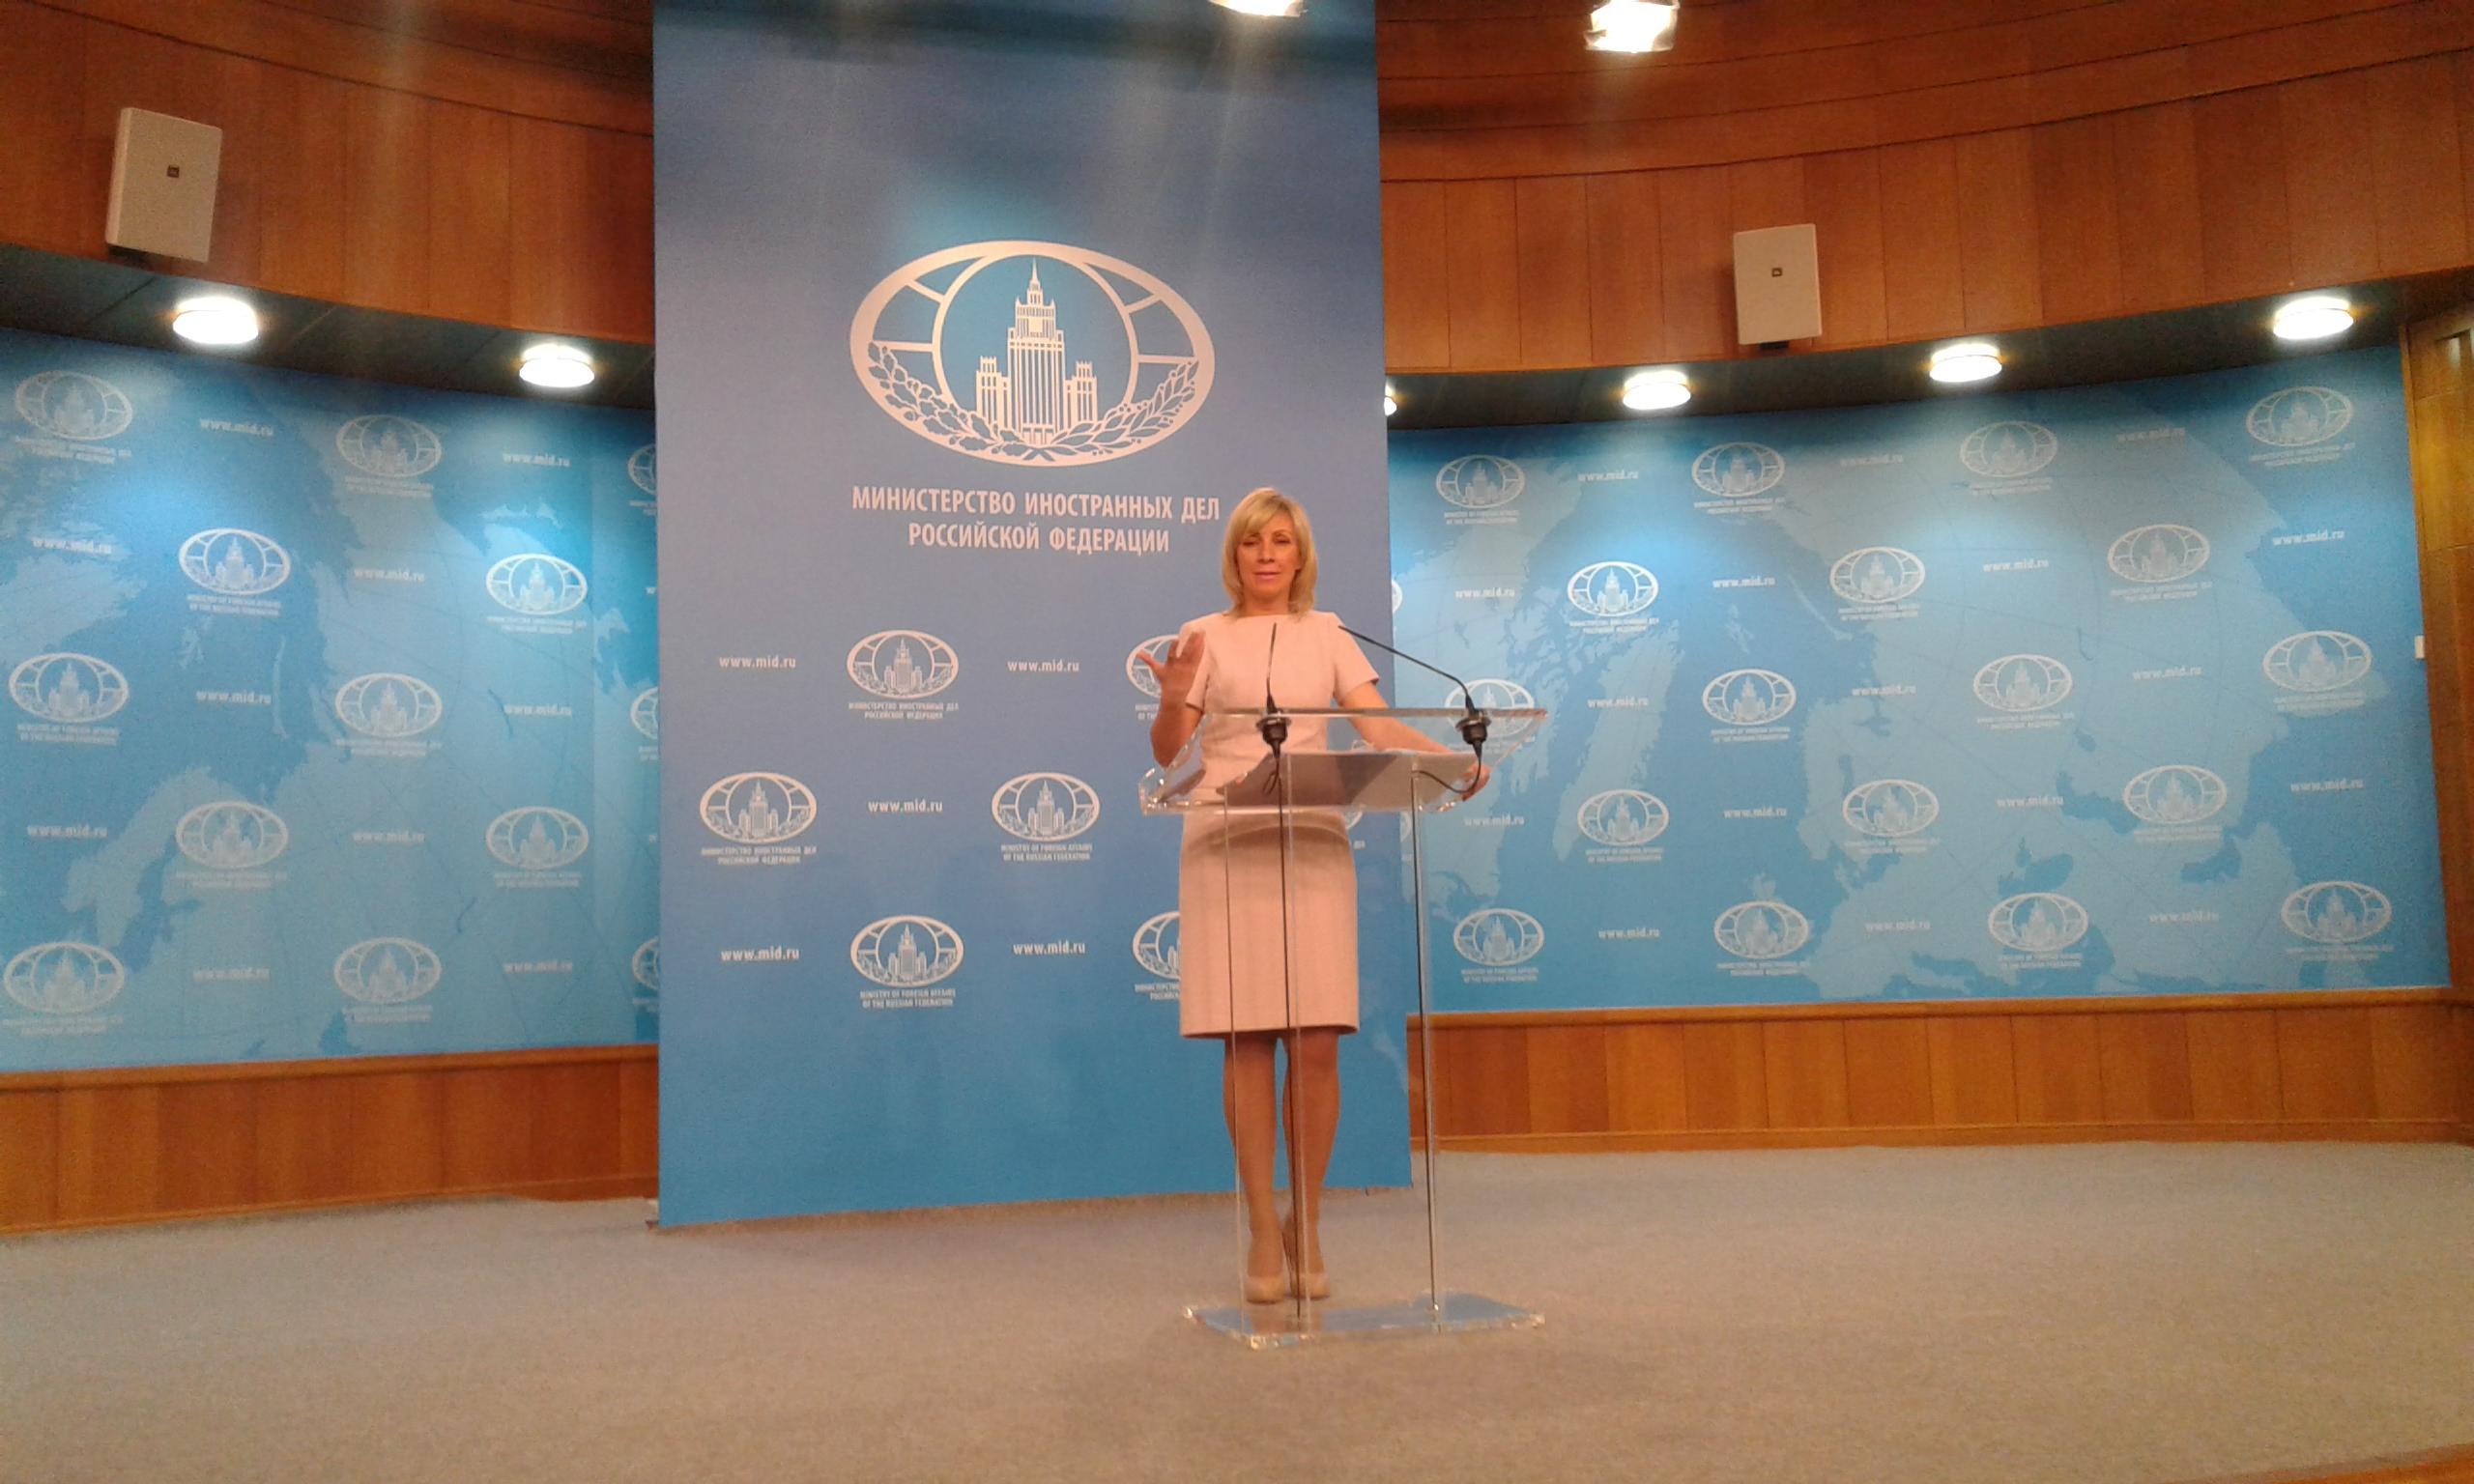 Мария Захарова: Негативная настроенность ряда политических сил к Азербайджану была очевидна еще до выборов